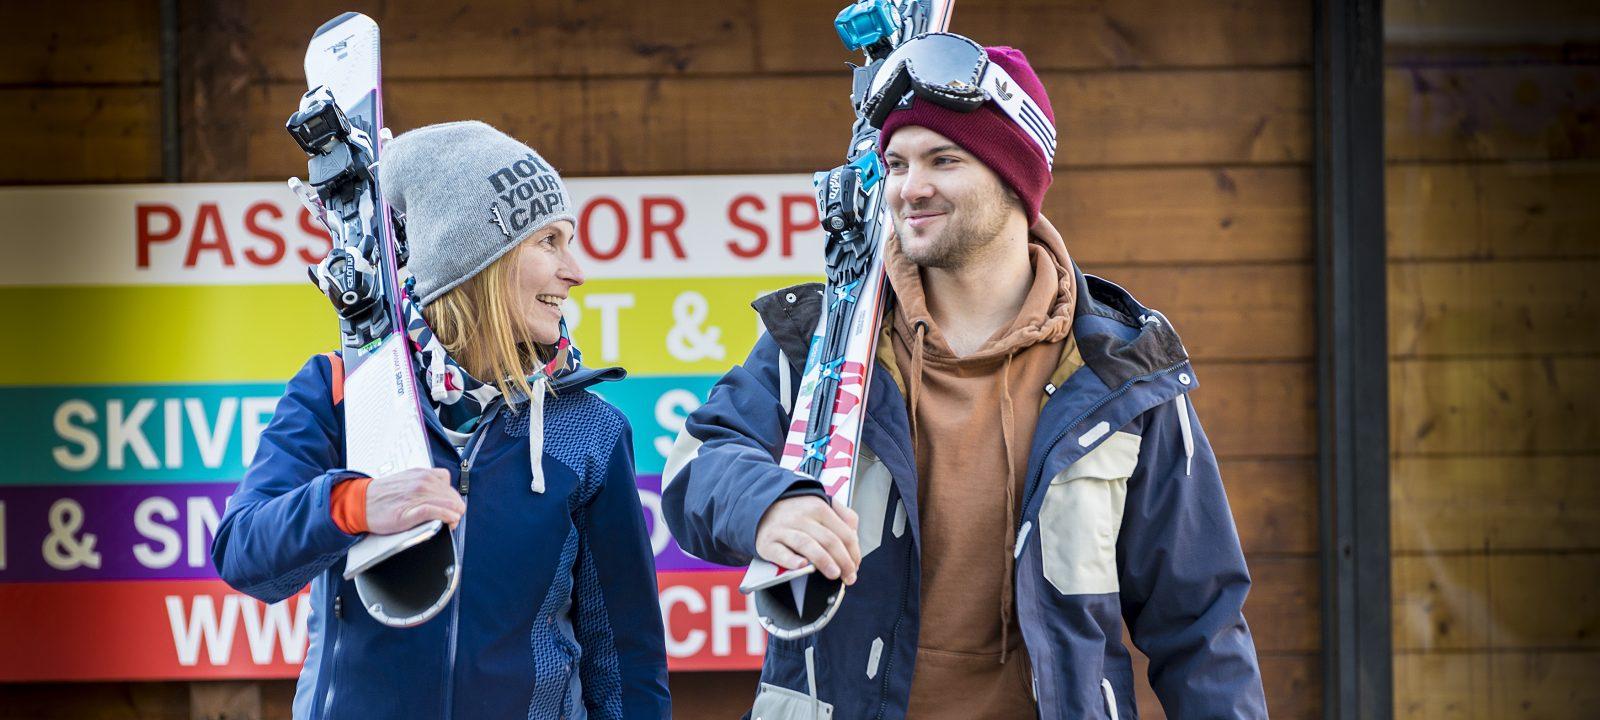 Startklar nach Skiservice